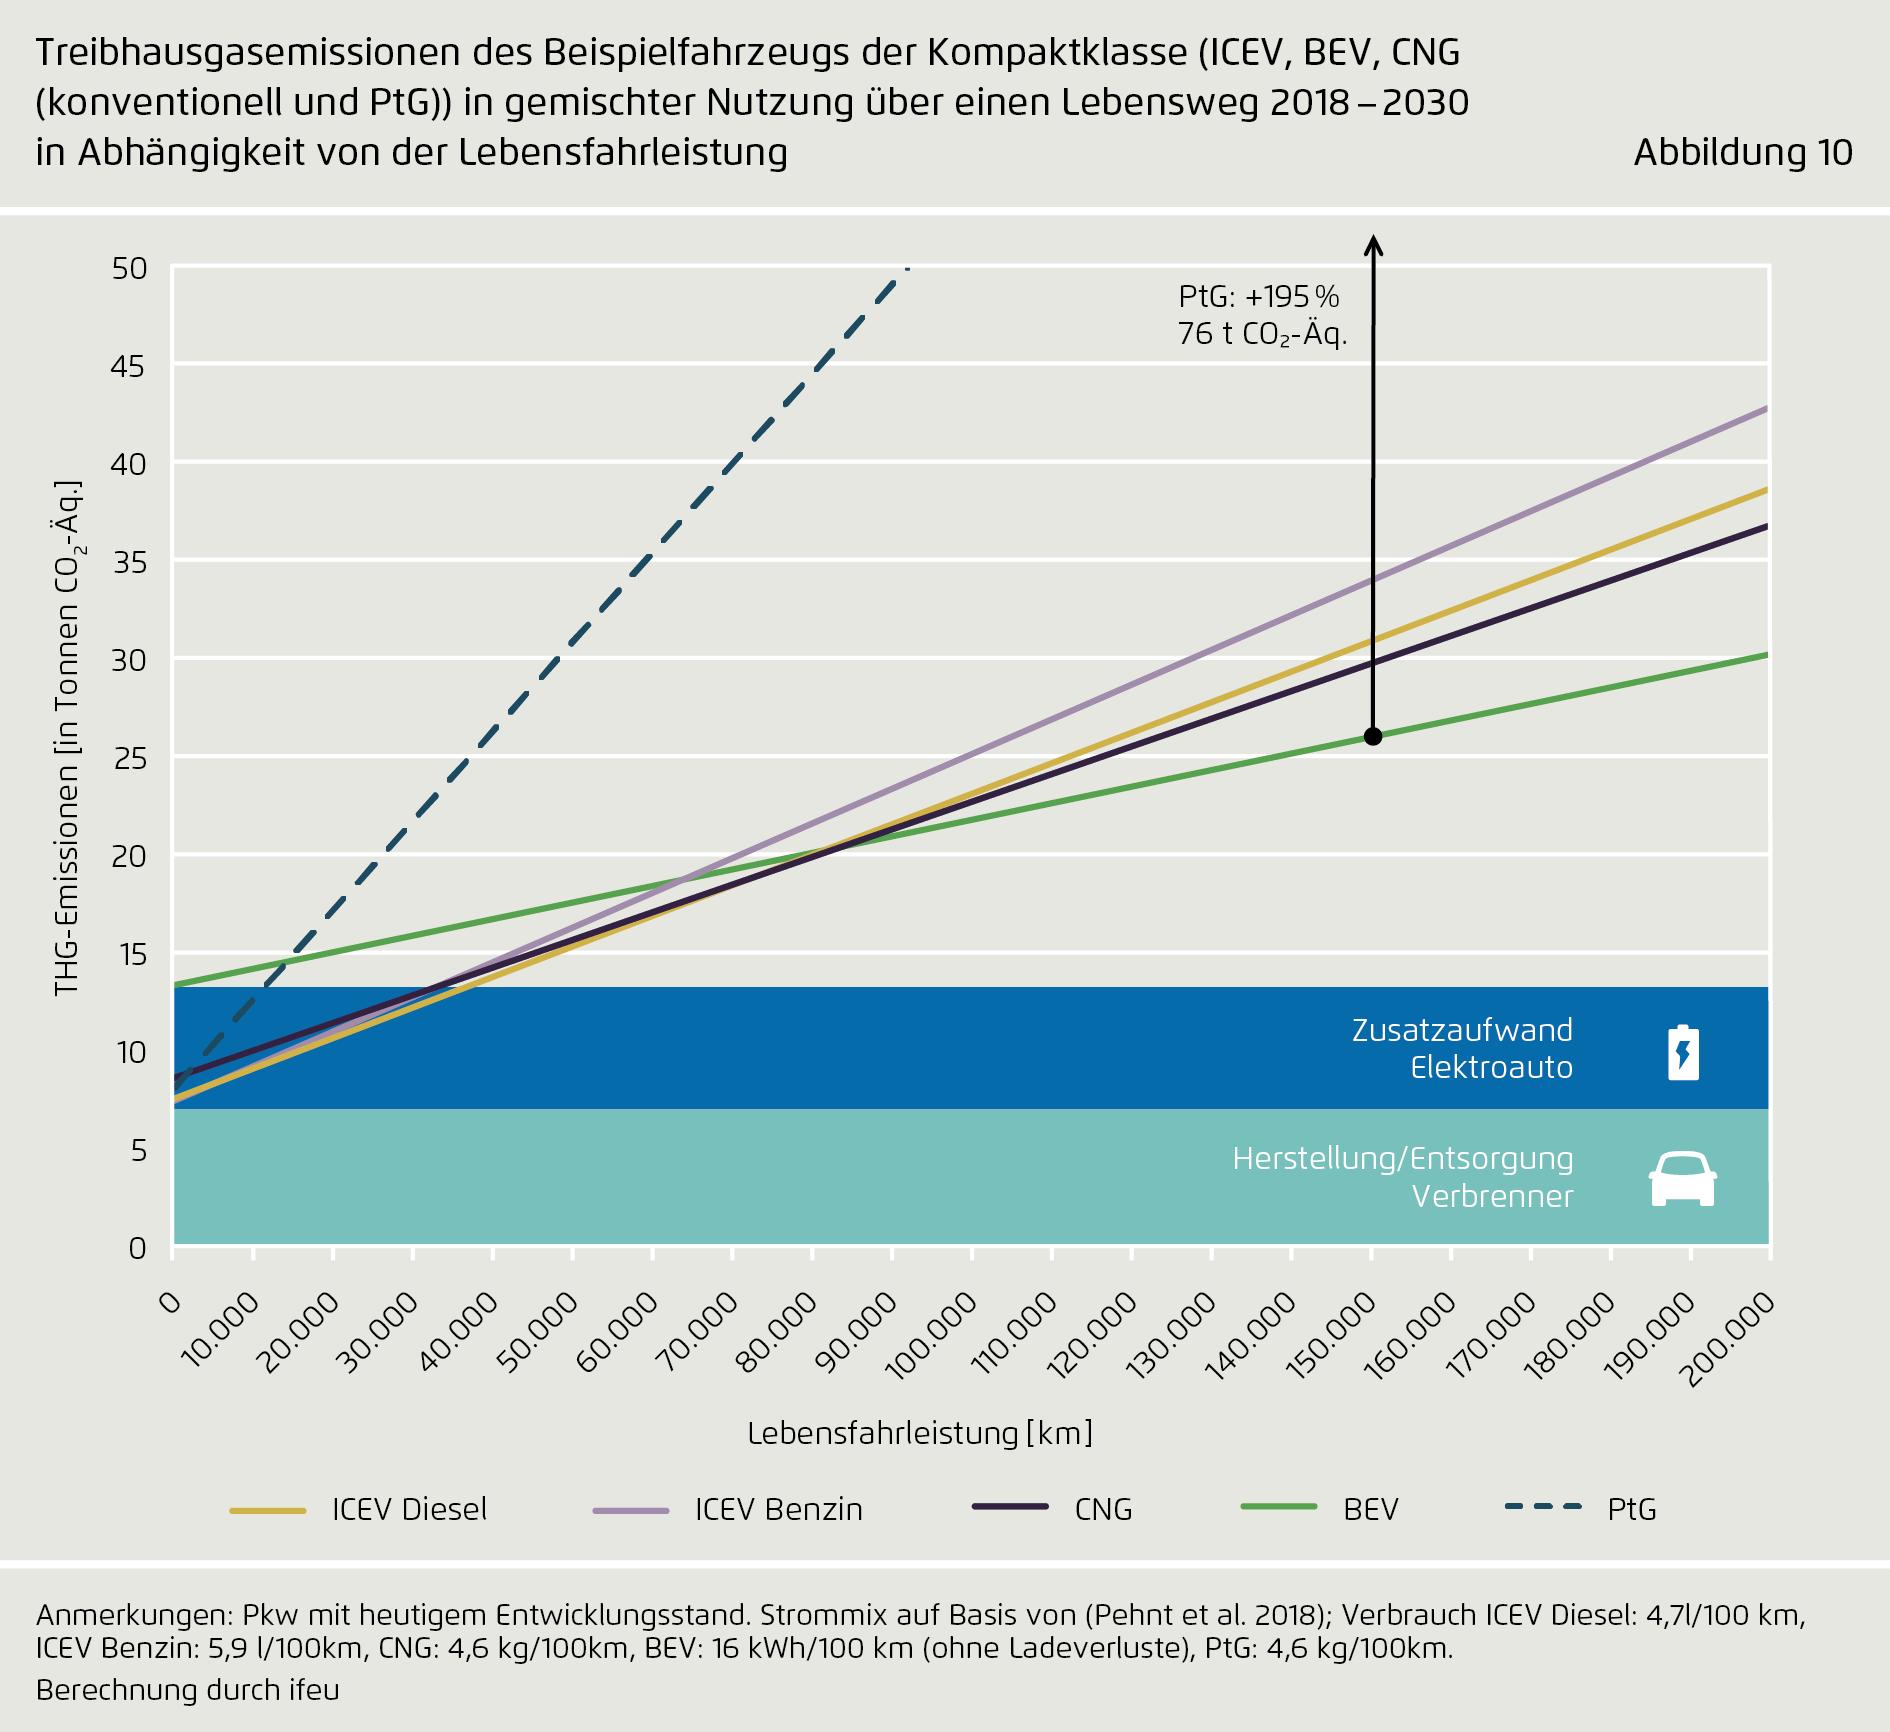 Elektroauto-Treibhausgasemissionen Vergleich Agora